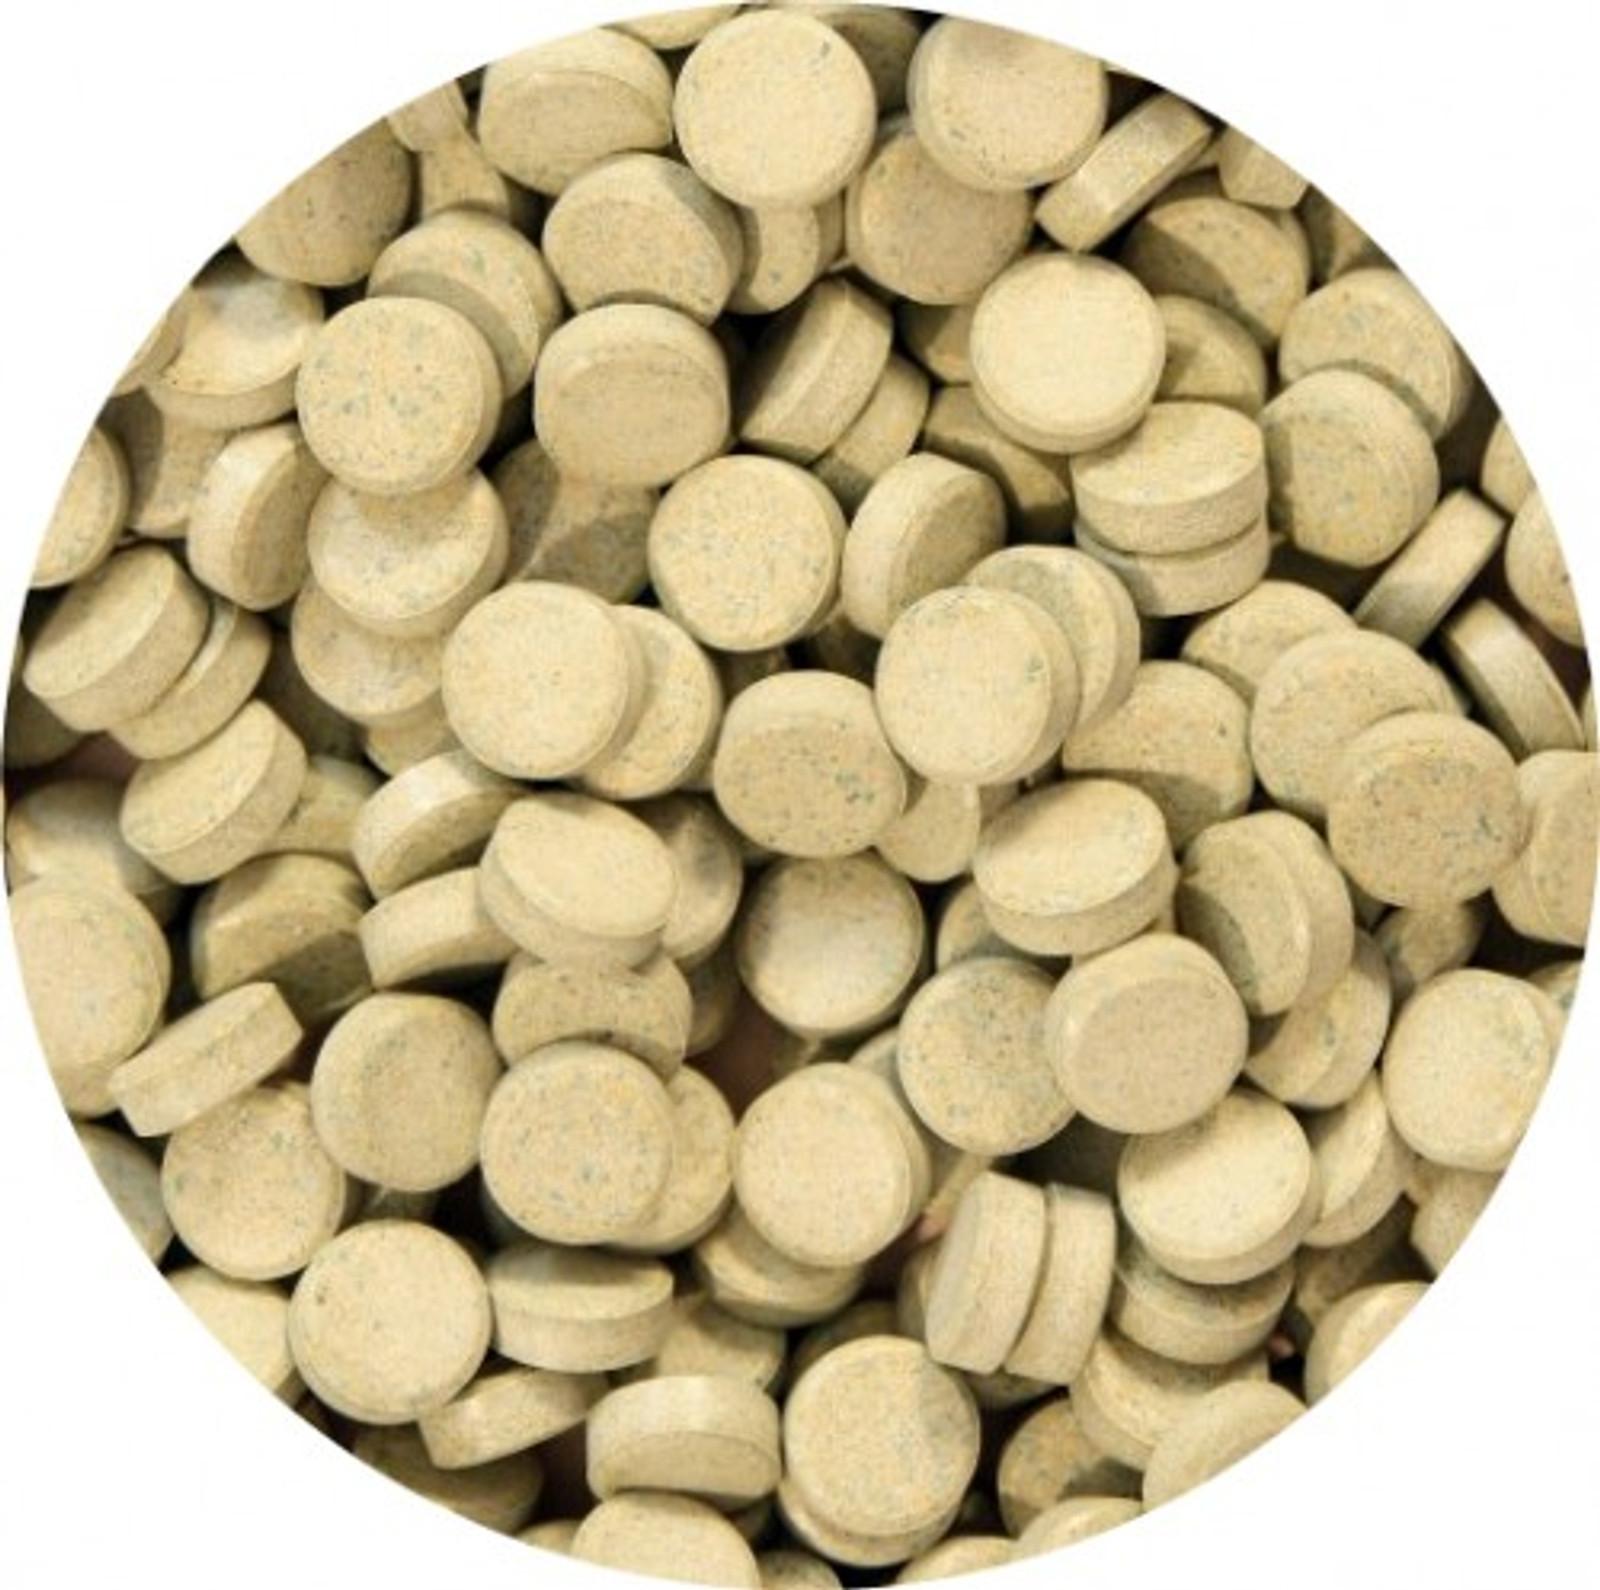 Aquaristik-Paradies Pflanzenfuttertabletten 190 g (ca. 250 ml) - verwendbar als Haft- und Bodentabletten